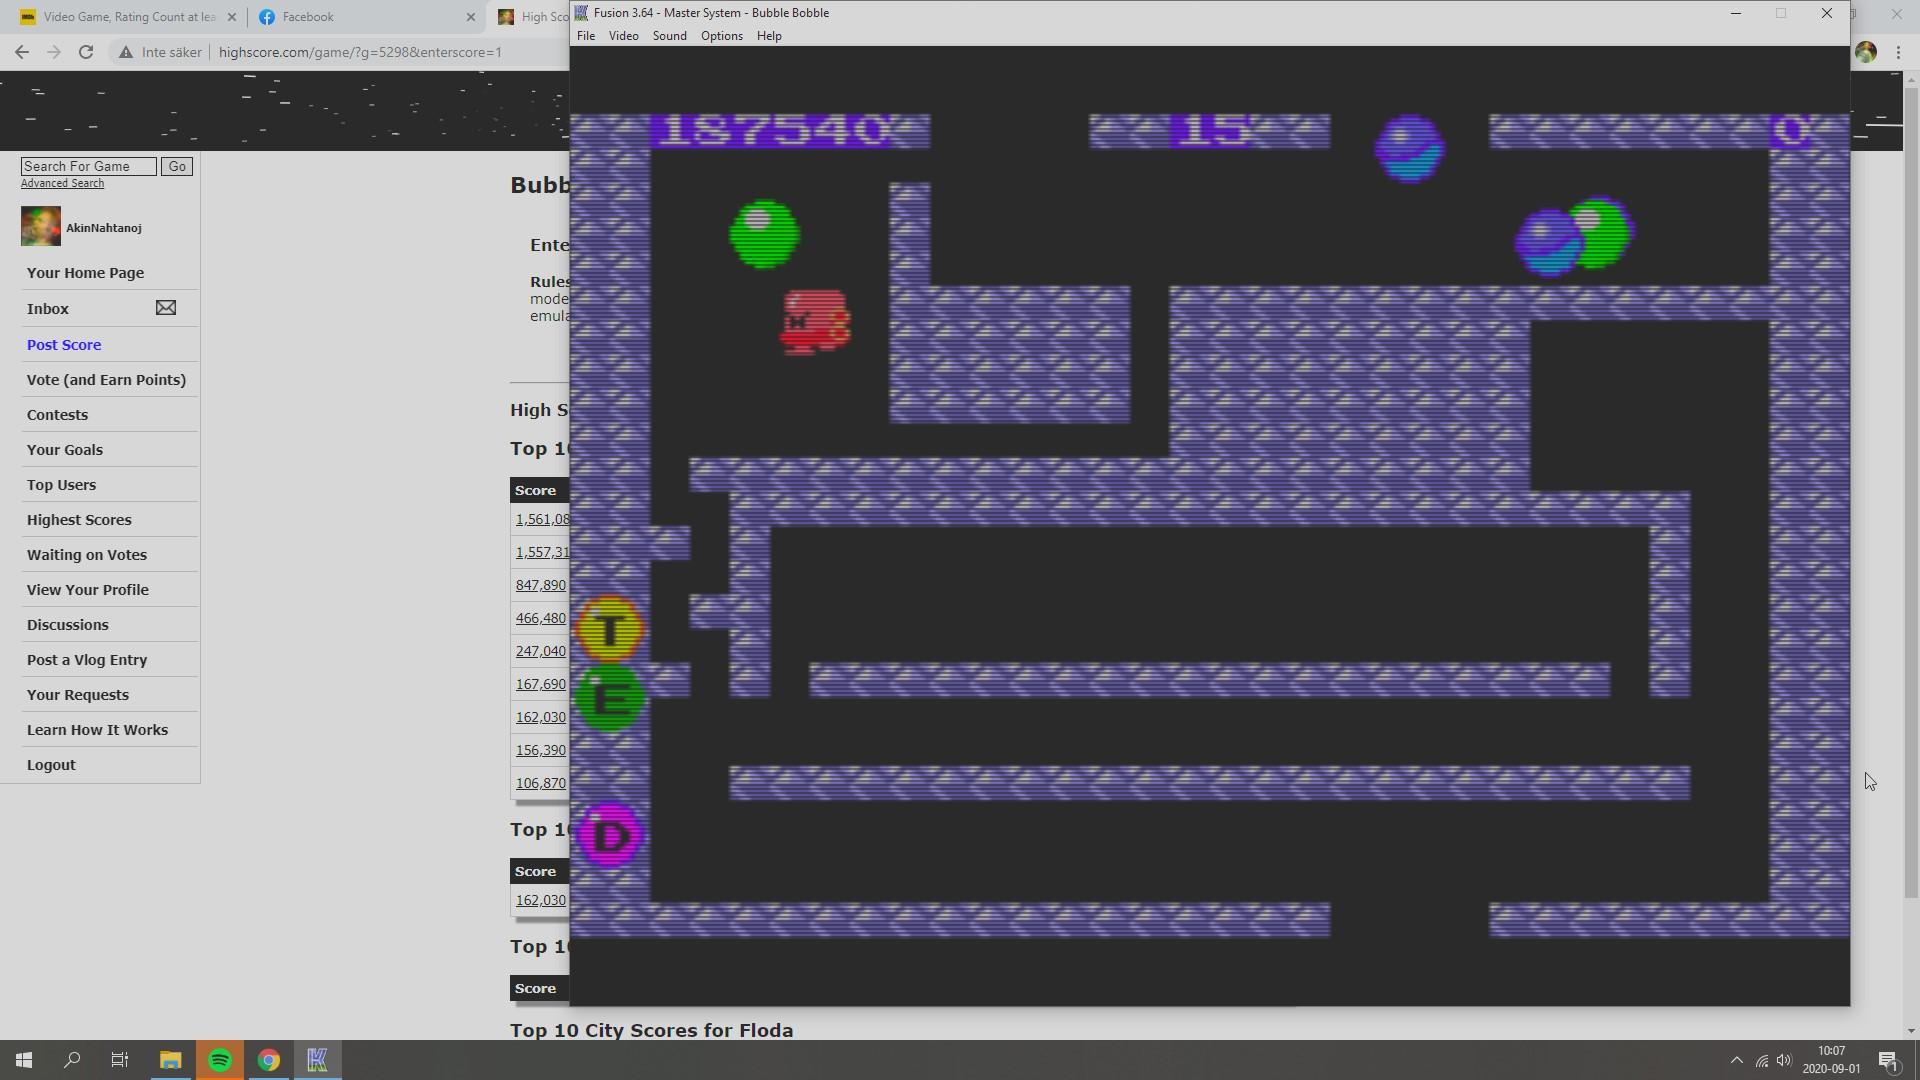 AkinNahtanoj: Bubble Bobble (Sega Master System Emulated) 187,540 points on 2020-09-01 04:08:38